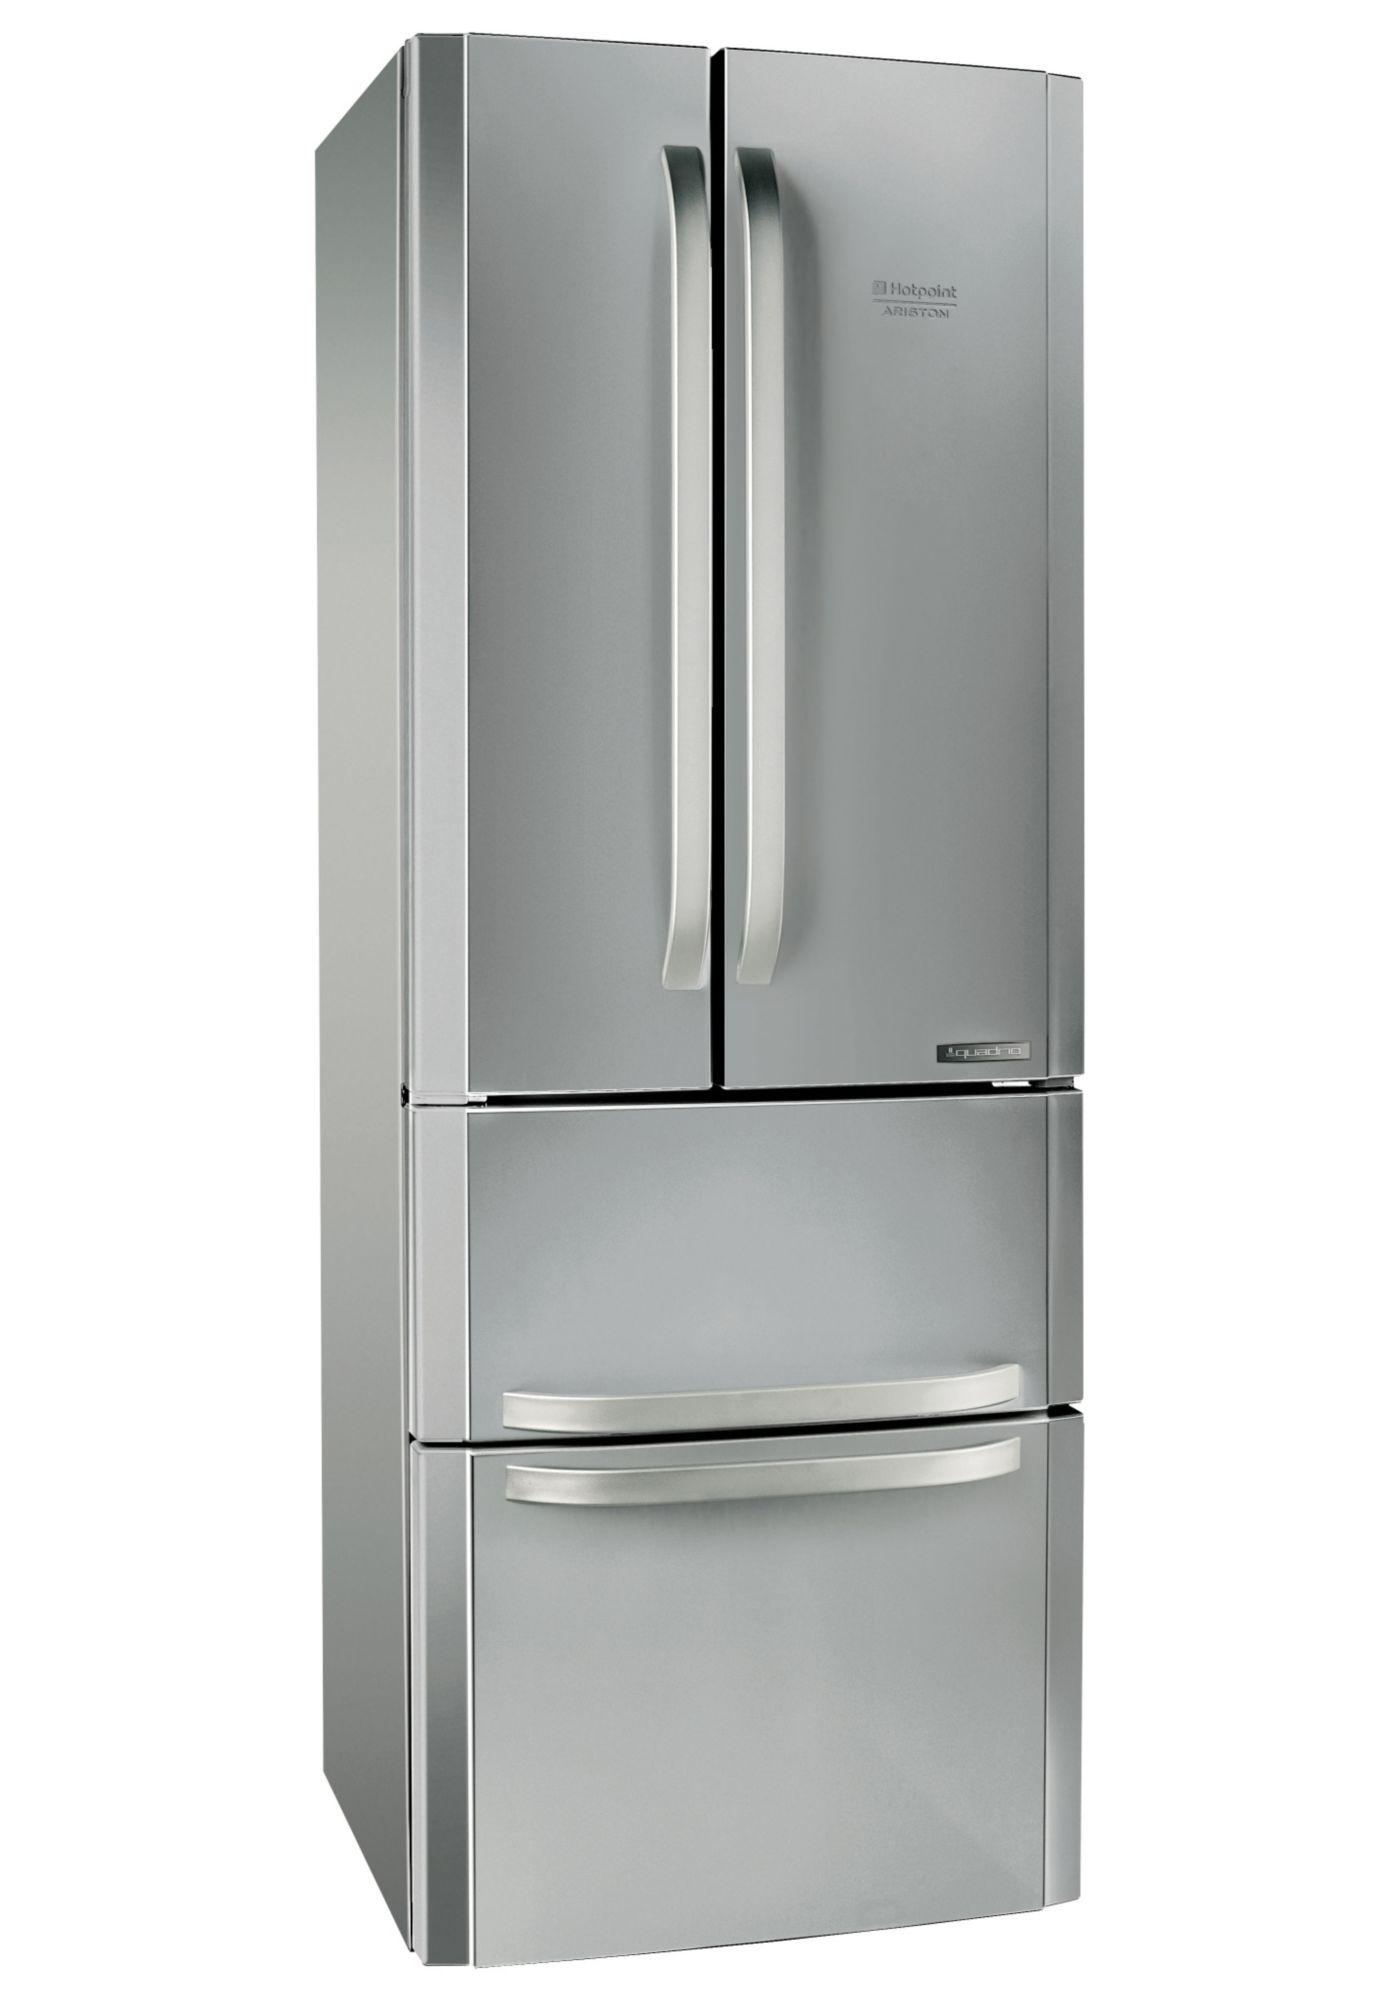 HOTPOINT Hotpoint French Door Kühlschrank E4DAAXC, A+, 195,5 cm hoch, NoFrost